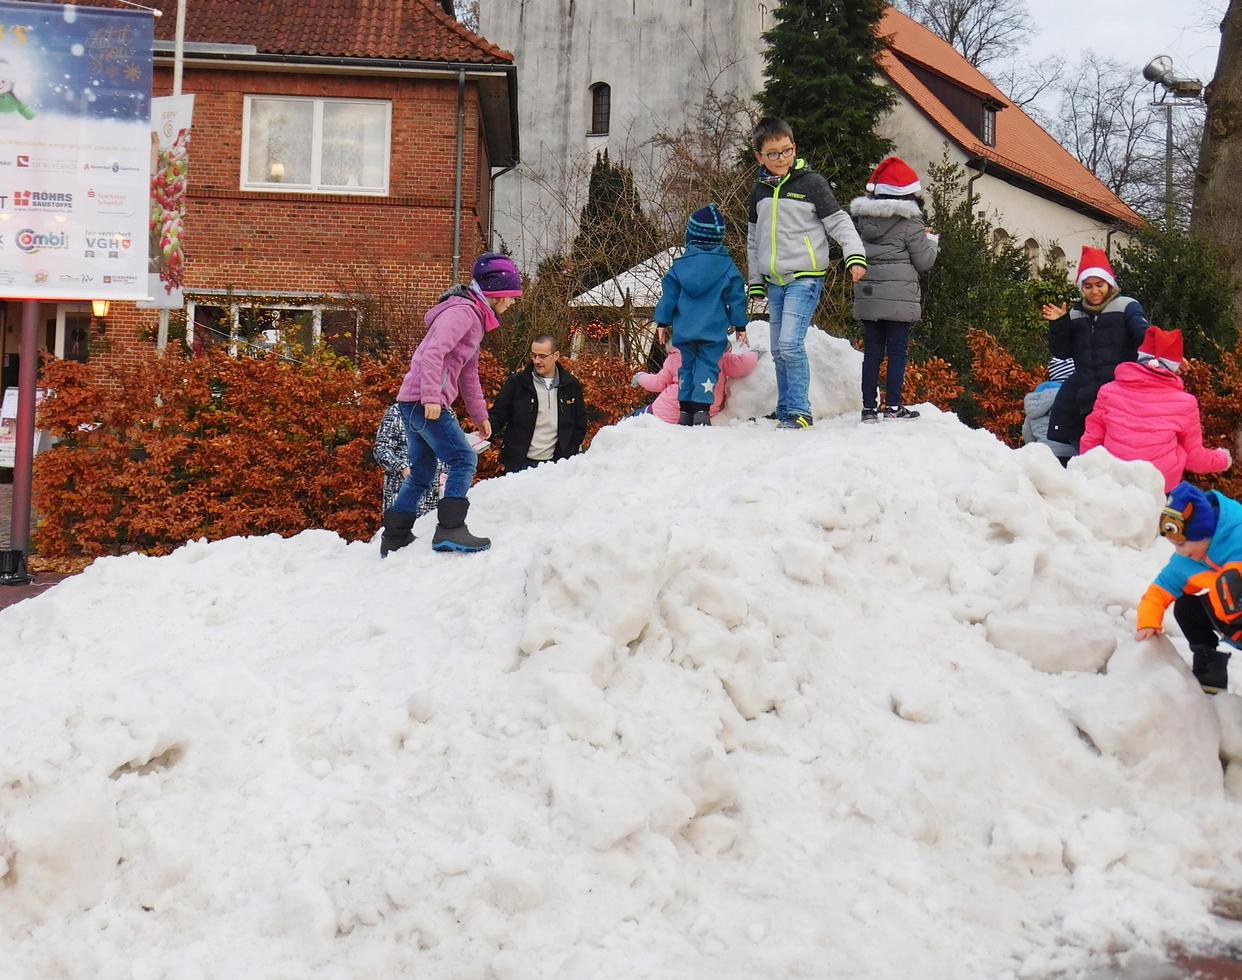 Für die Kinder eines der Highlights des Weihnachtsmarktes: Obwohl keine weißen Flocken in Sicht waren, konnten sie auf einem Schneeberg herumtoben. Foto: Jens Loes